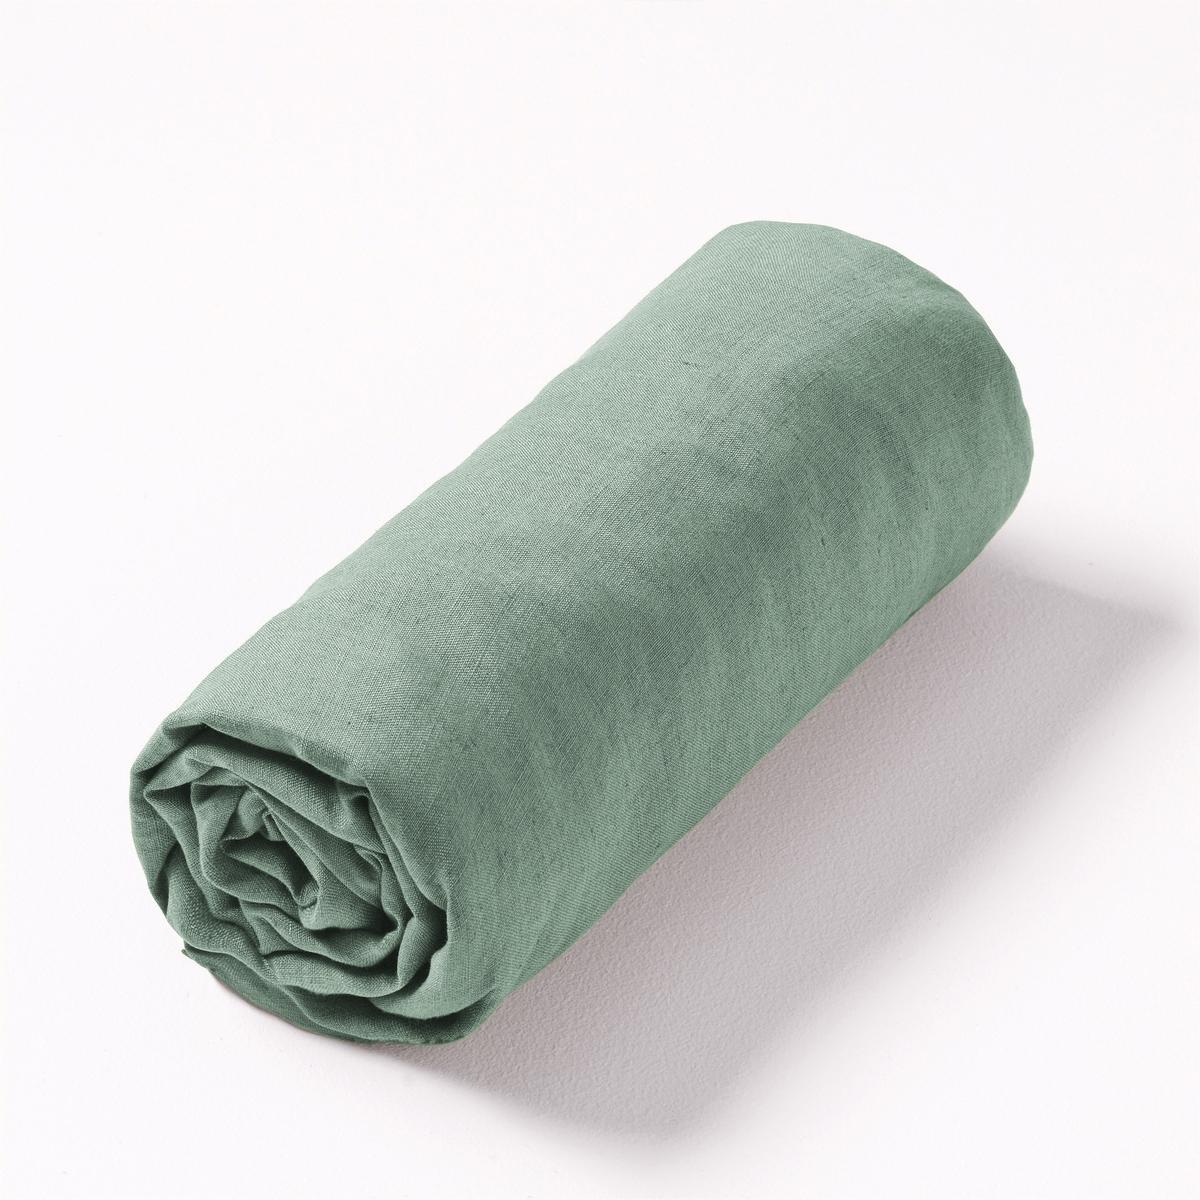 Простыня натяжная льняная Elina100% лен. Ткань с легким жатым эффектом не требует глажки, проста в уходе, становится более мягкой и нежной с течением времени.Состав :- 100% лен.Отделка :- Подходит для матраса толщиной 25 см.Уход :- Стирка при 40°.Размеры :90 x 190 см : 1-сп.140 x 190 см : 1-сп.160 x 200 см : 2-сп.180 x 200 см : 2-сп.Знак Oeko-Tex® гарантирует, что товары протестированы, сертифицированы и не содержат вредных для здоровья веществ.<br><br>Цвет: зеленый шалфей,красный карминный,темно-зеленый,цвет неокрашенного льна